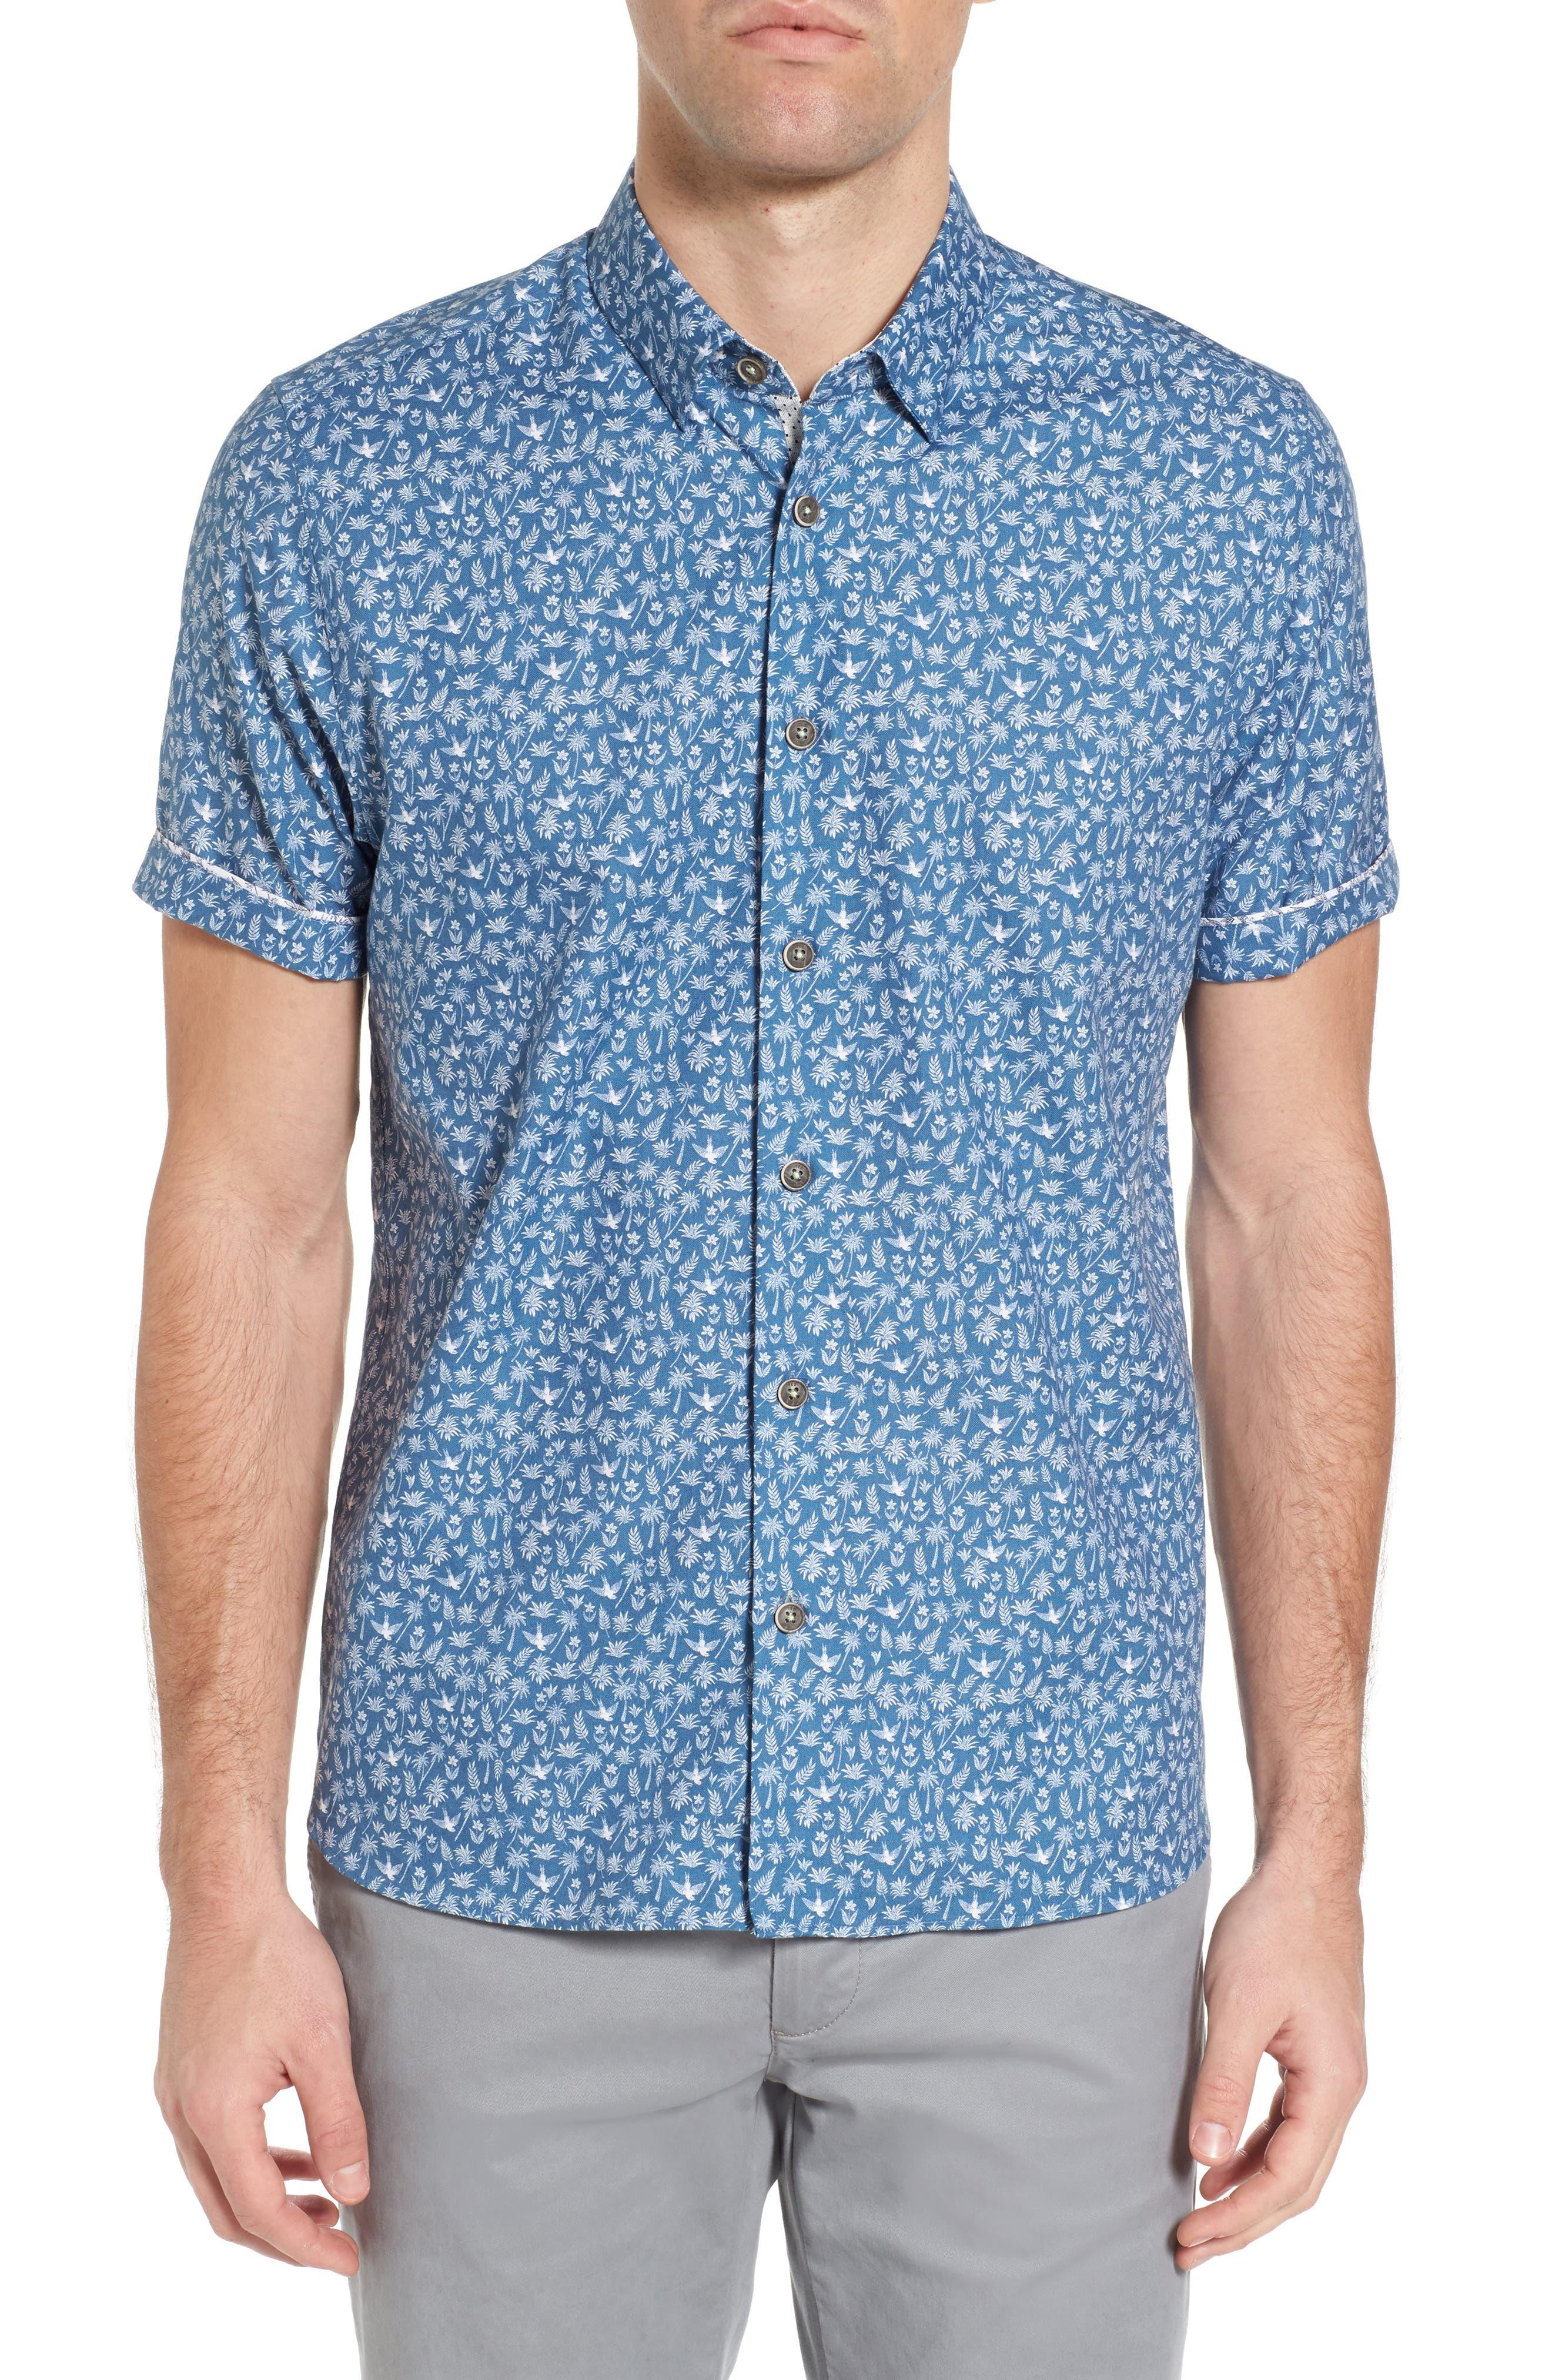 Pazta Tropic Print Shirt,                             Main thumbnail 1, color,                             Blue